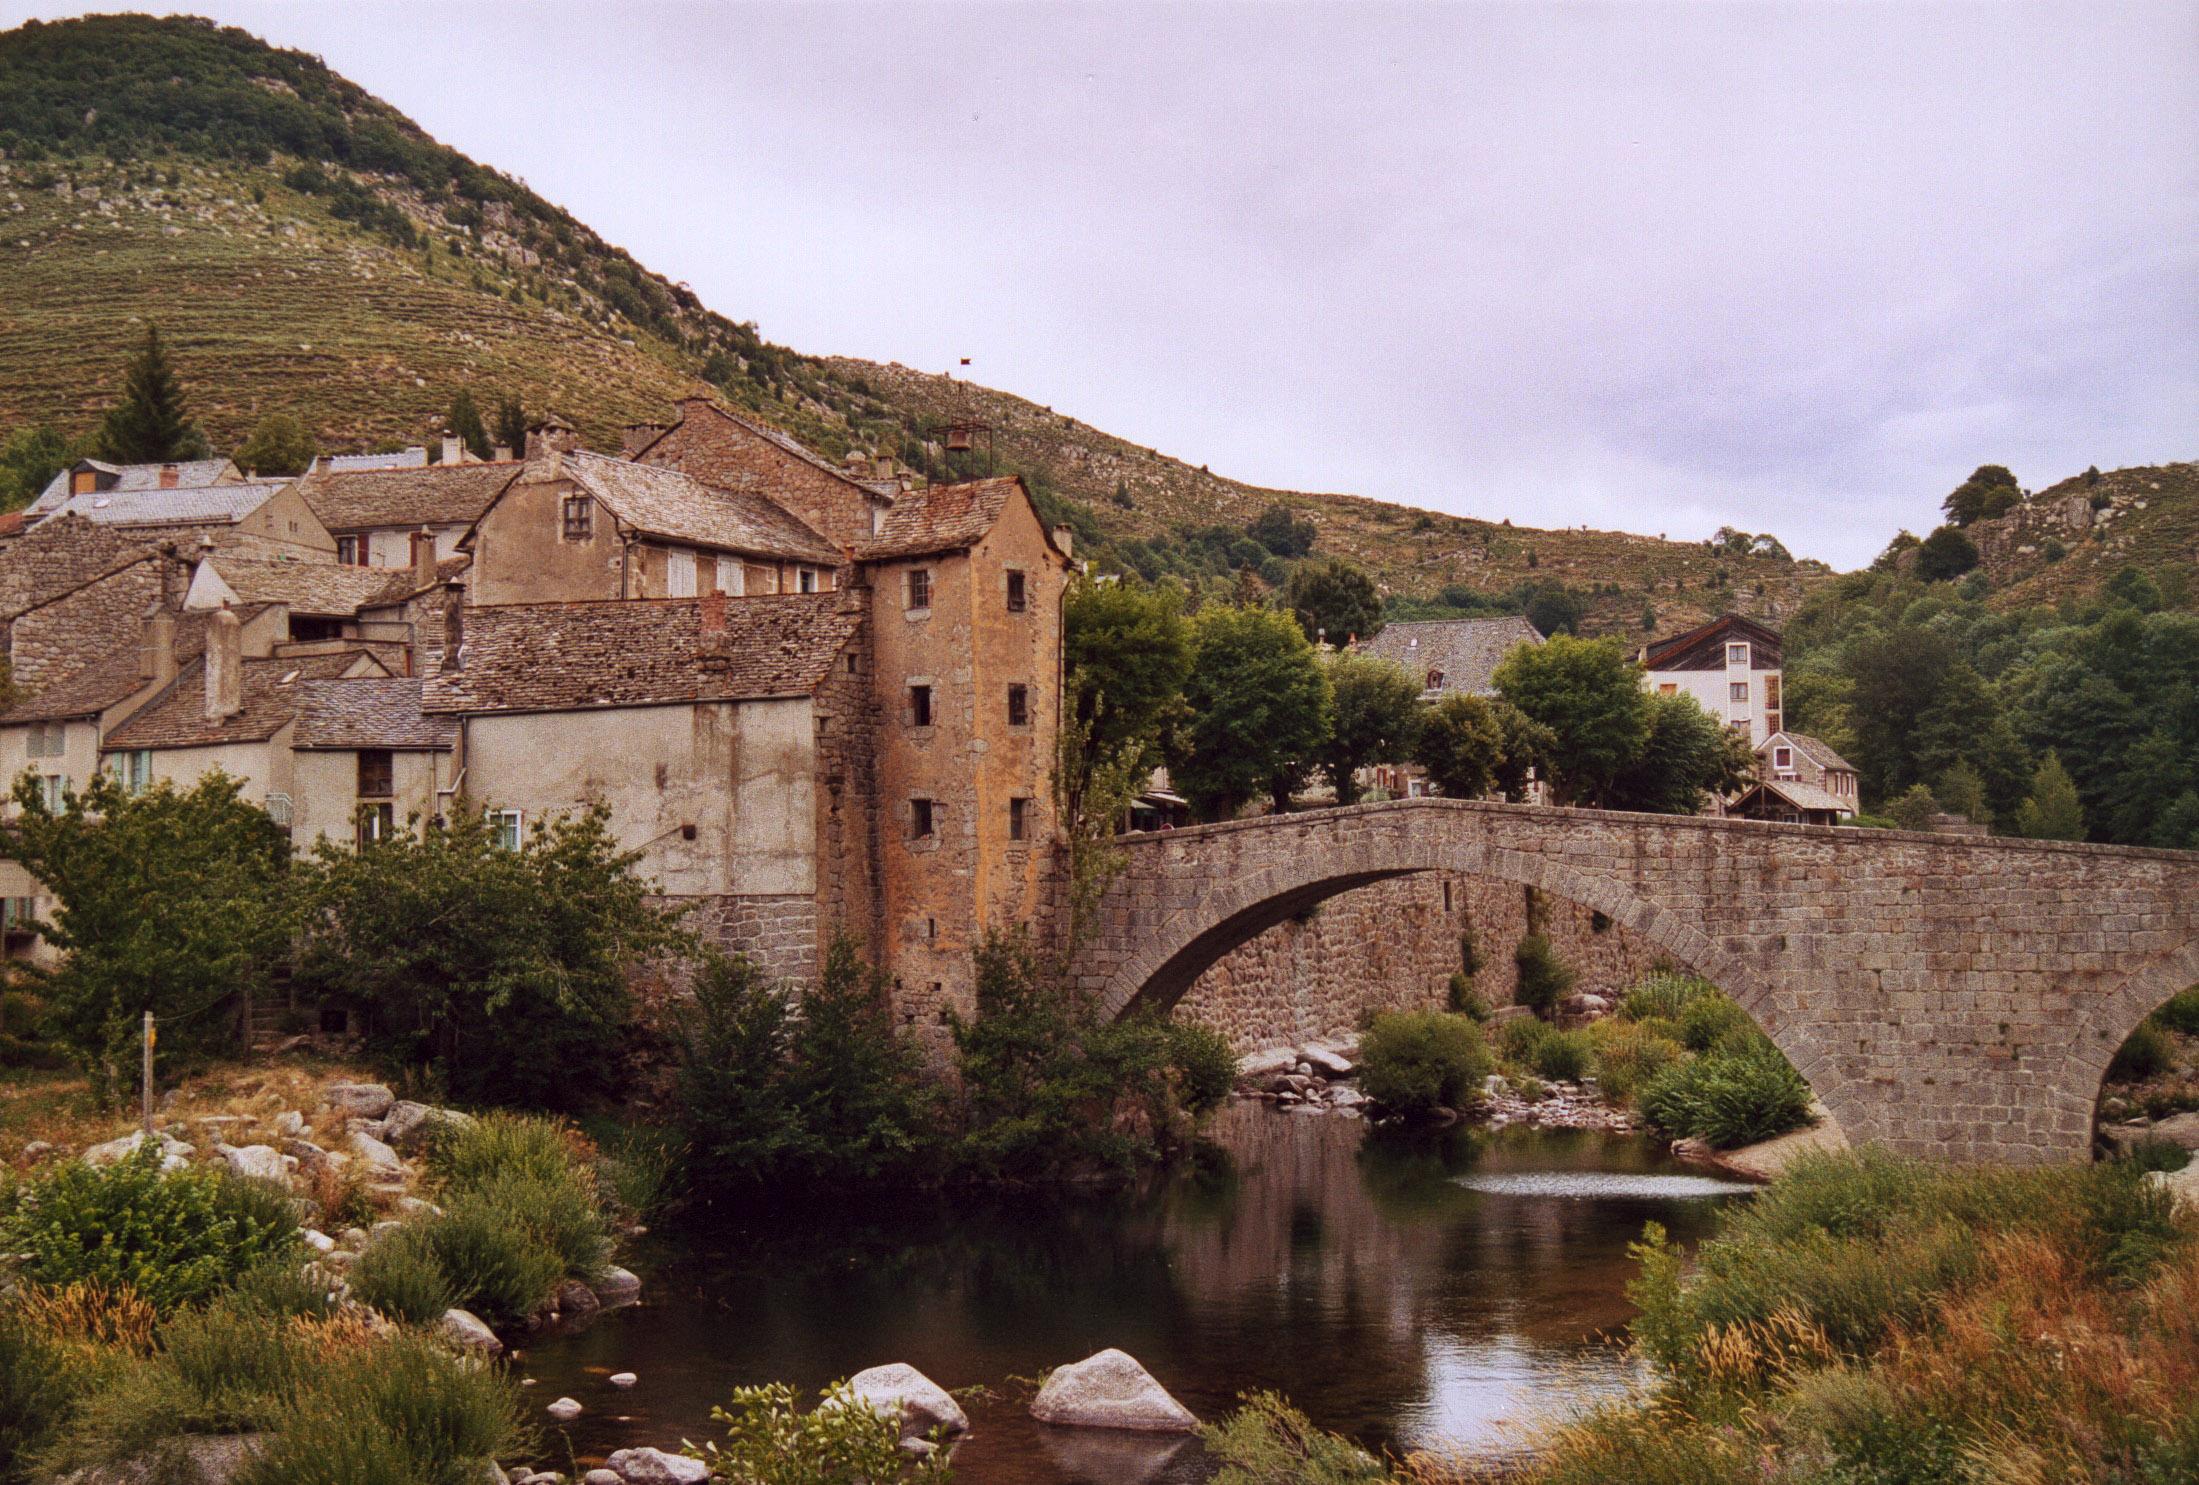 France_Lozere_Le_Pont-de-Montvert_02.jpg